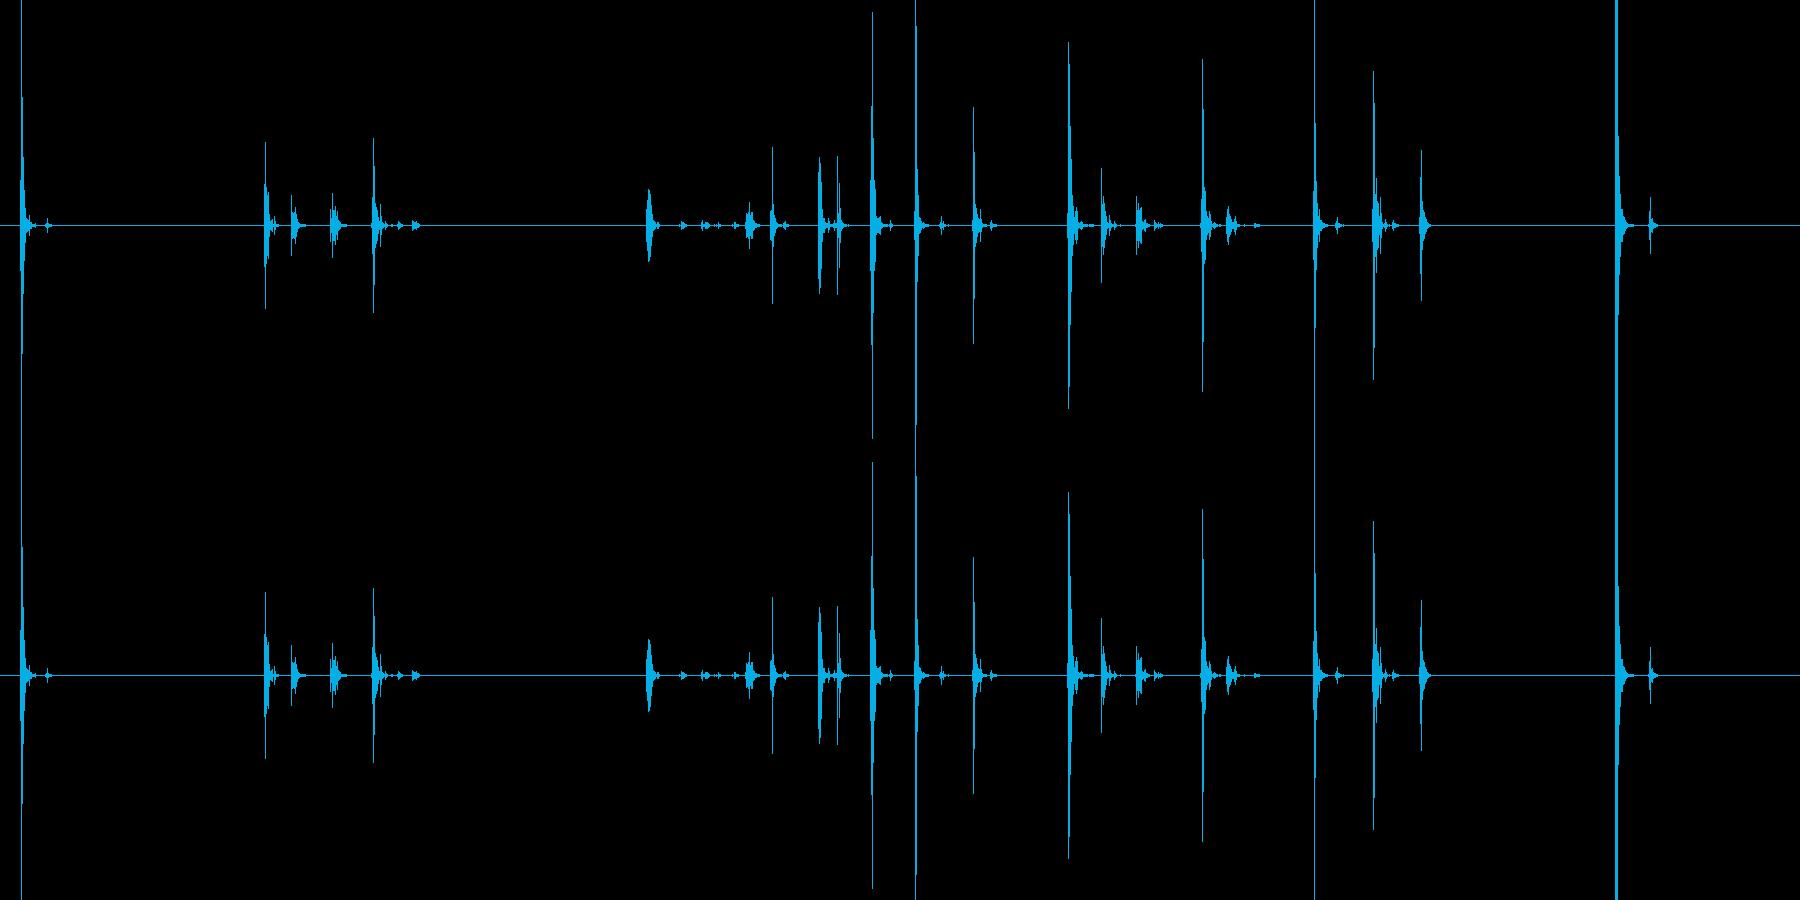 【キータイプ】ノートパソコンキーボードの再生済みの波形